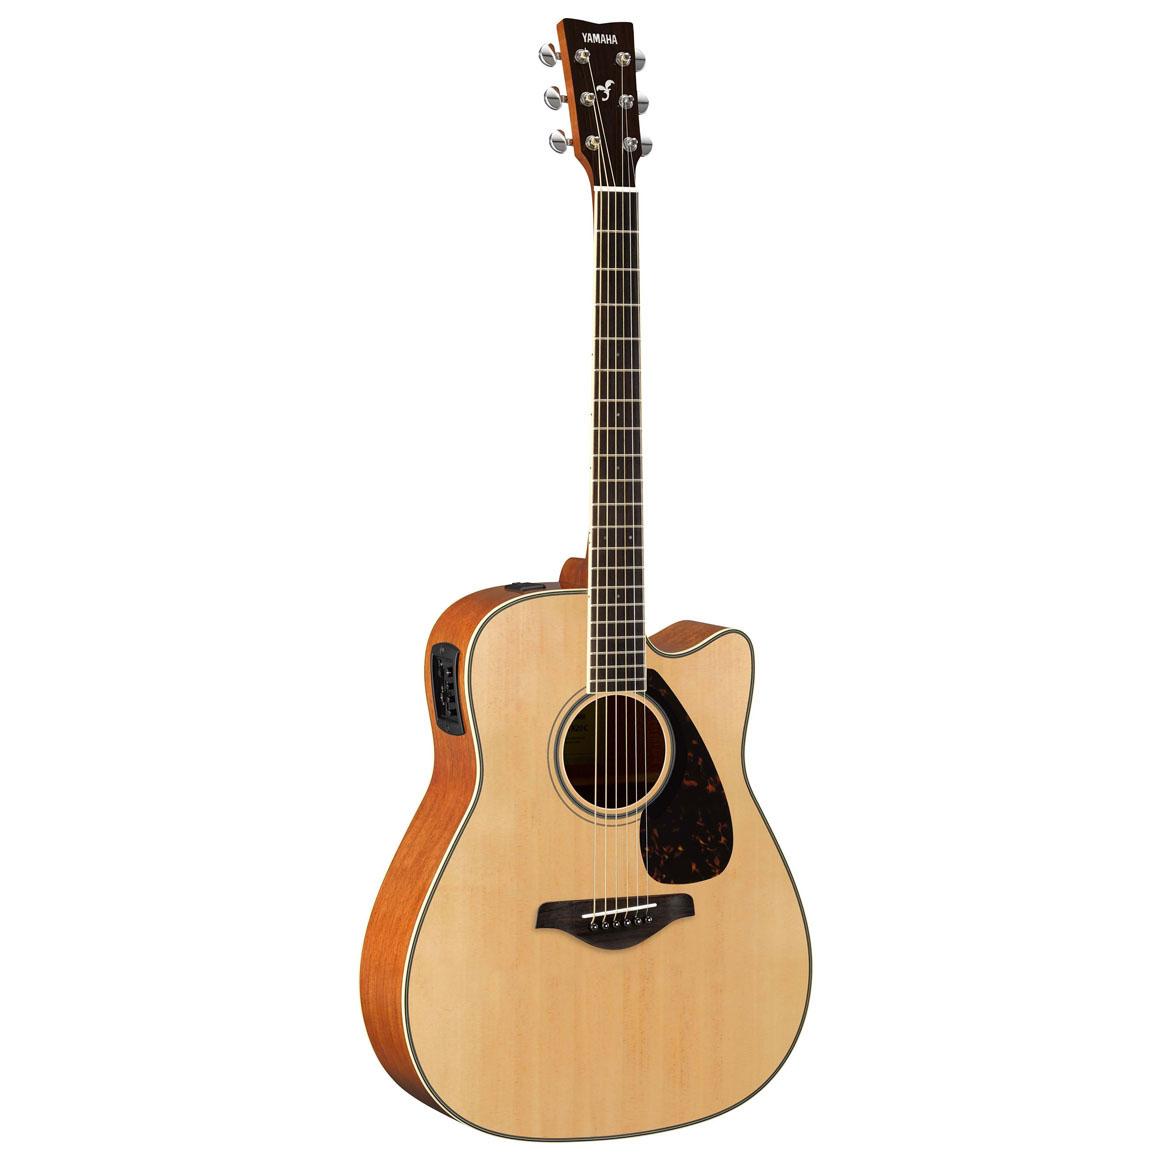 Yamaha Fgx820C  Electric Acoustic Guitar   Tmw regarding Yamaha Singapore Calendar